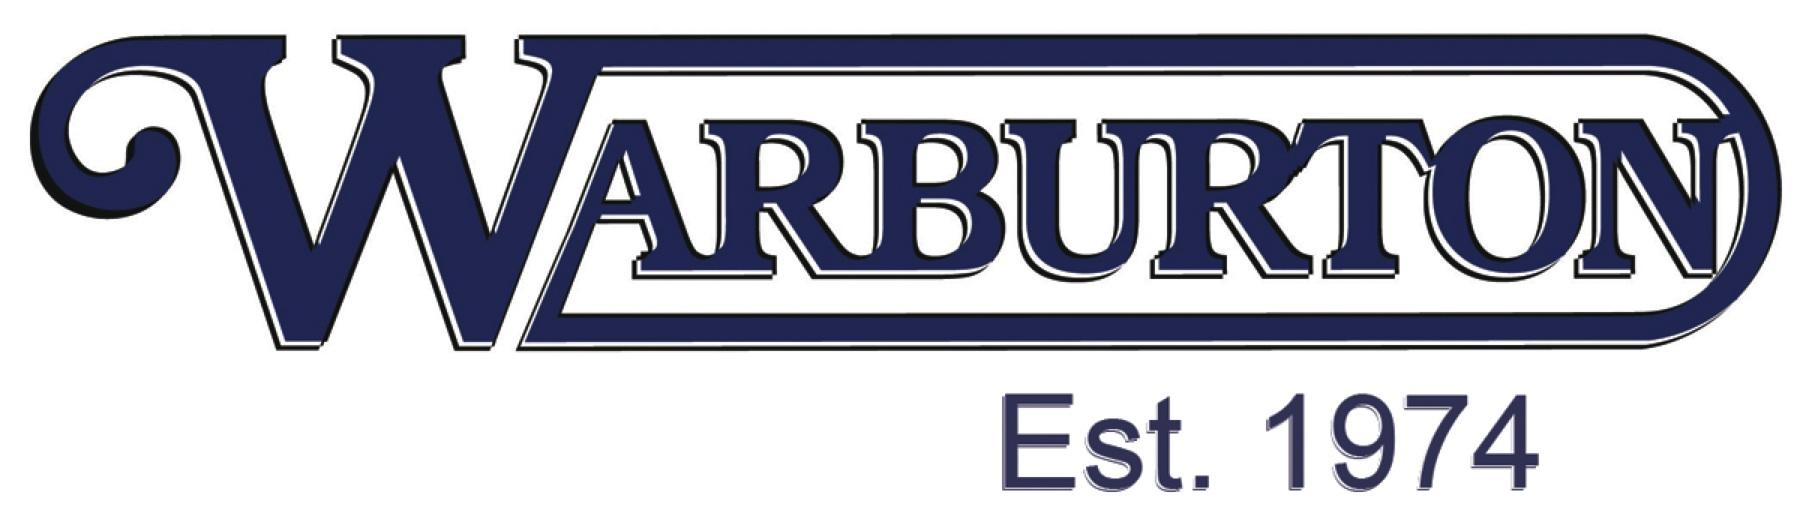 logo-Warburton-1974.jpg